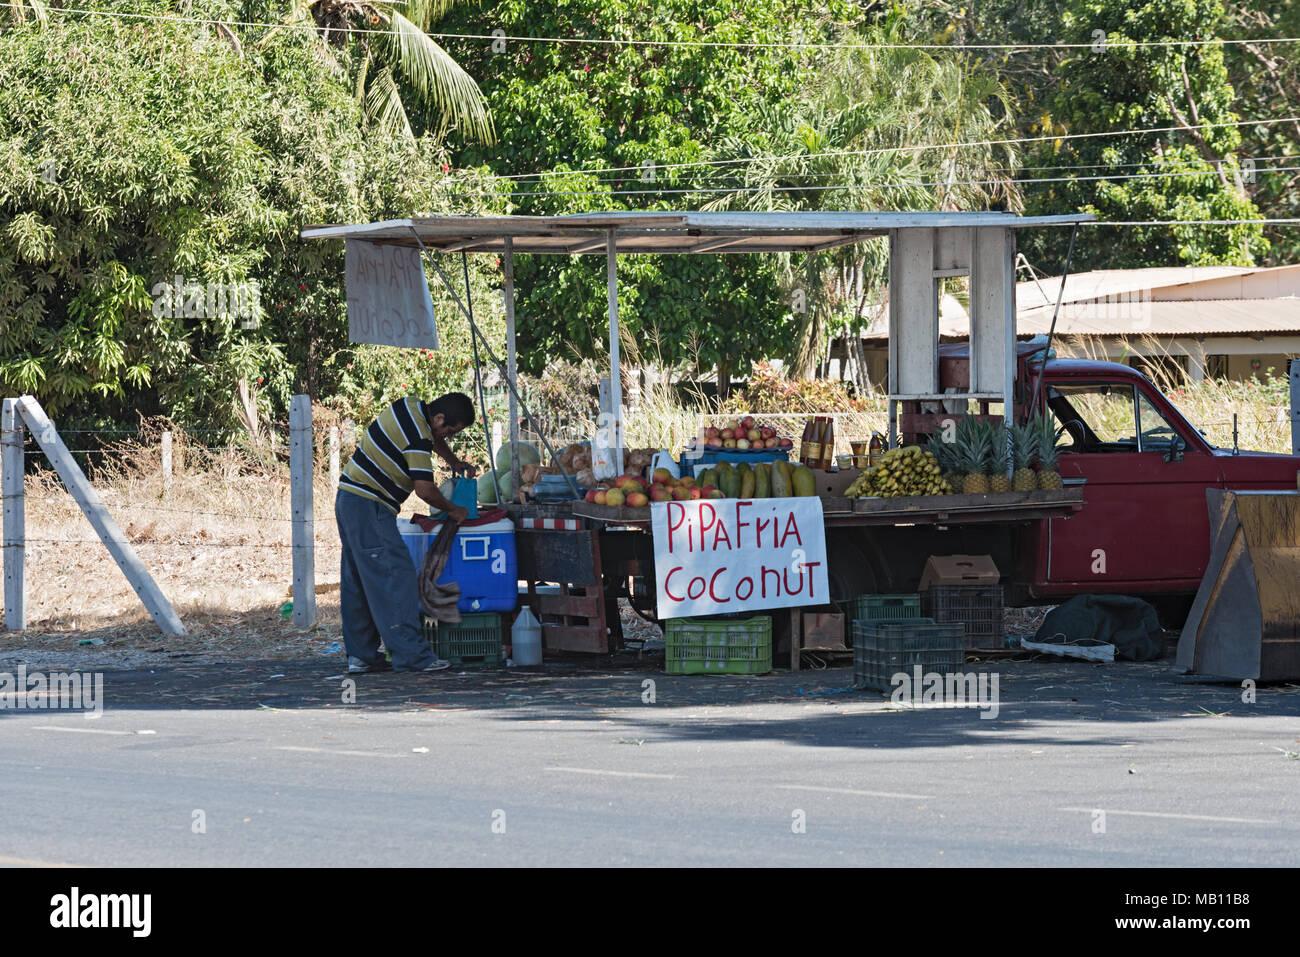 Vendeur de fruits ambulatoires à Playa del Coco, Guanacaste, Costa Rica Banque D'Images